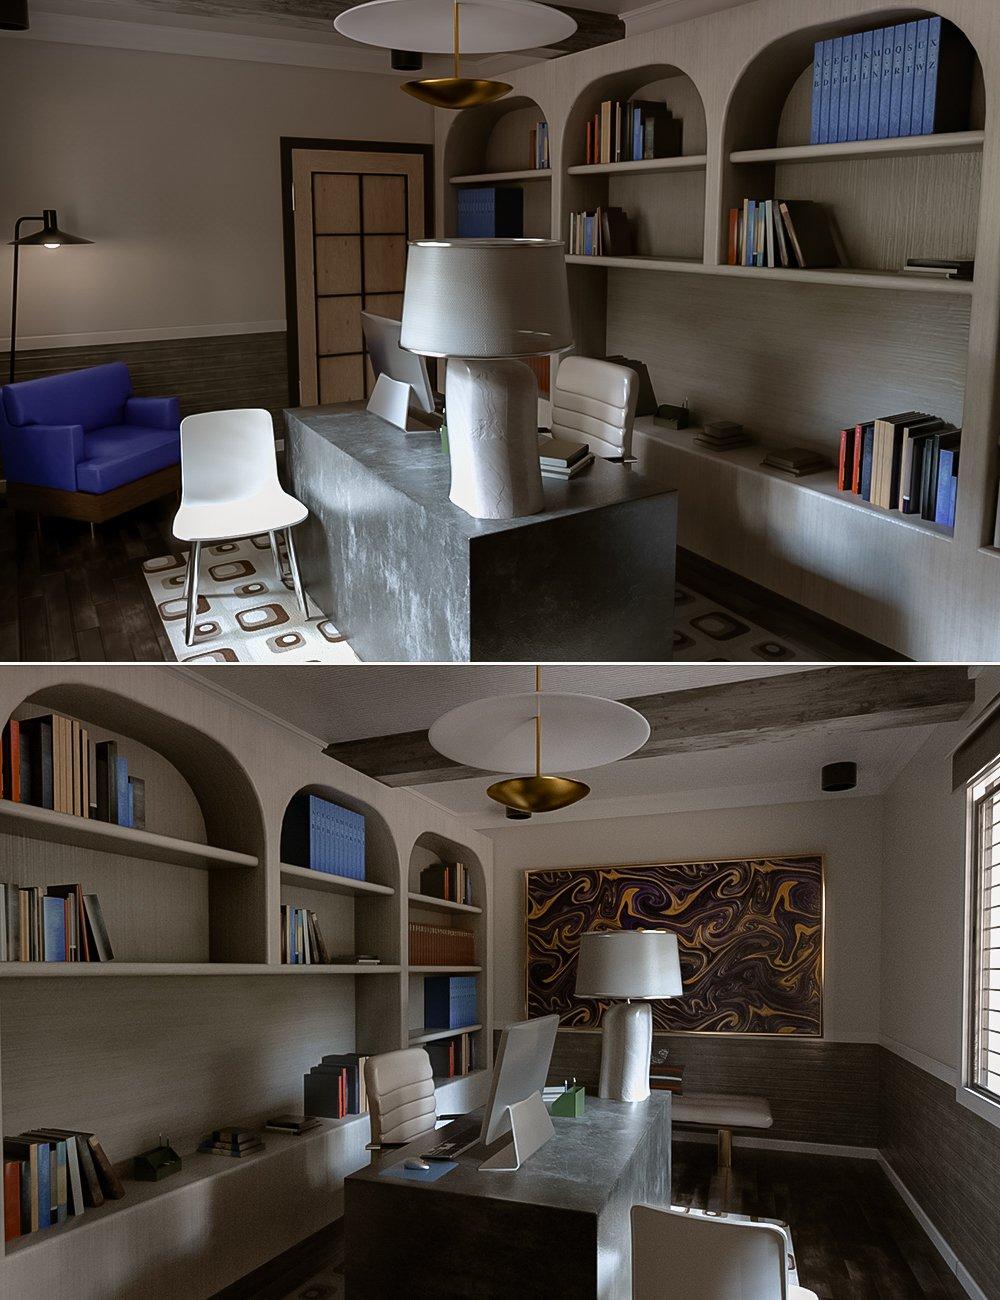 Avil Office Room by: Tesla3dCorp, 3D Models by Daz 3D